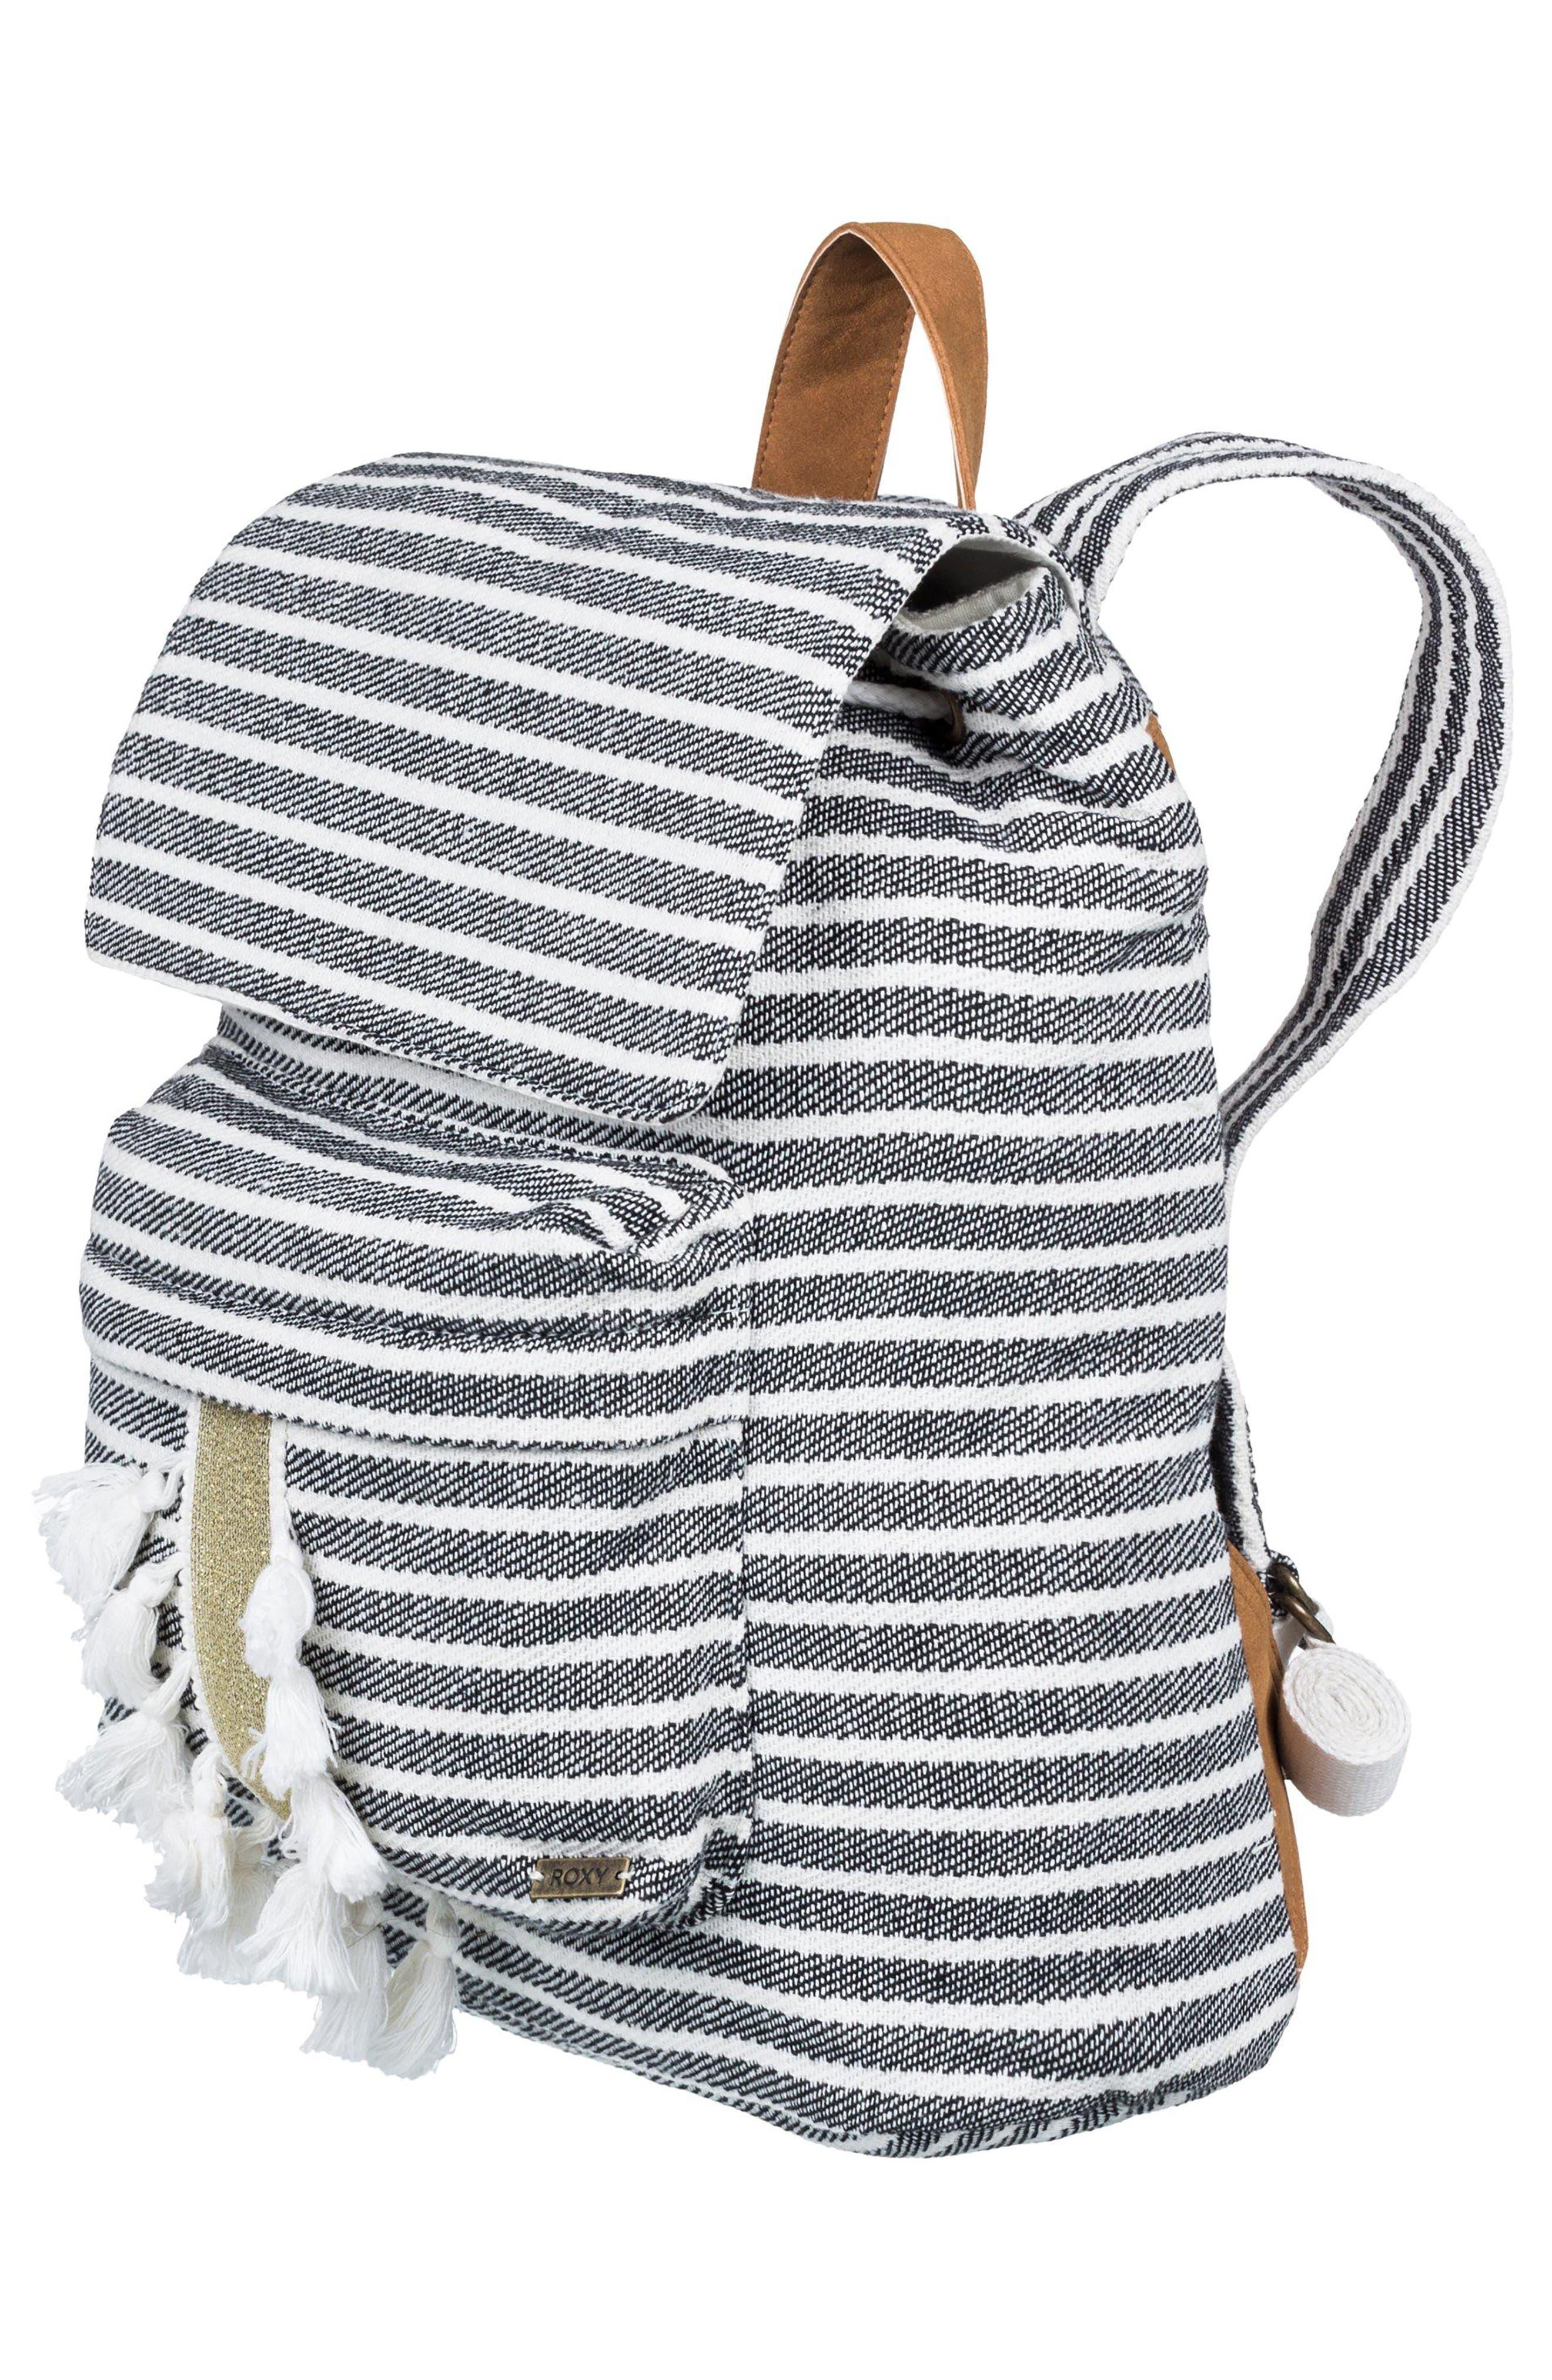 Love Them Hard Tassel Backpack,                             Alternate thumbnail 3, color,                             001